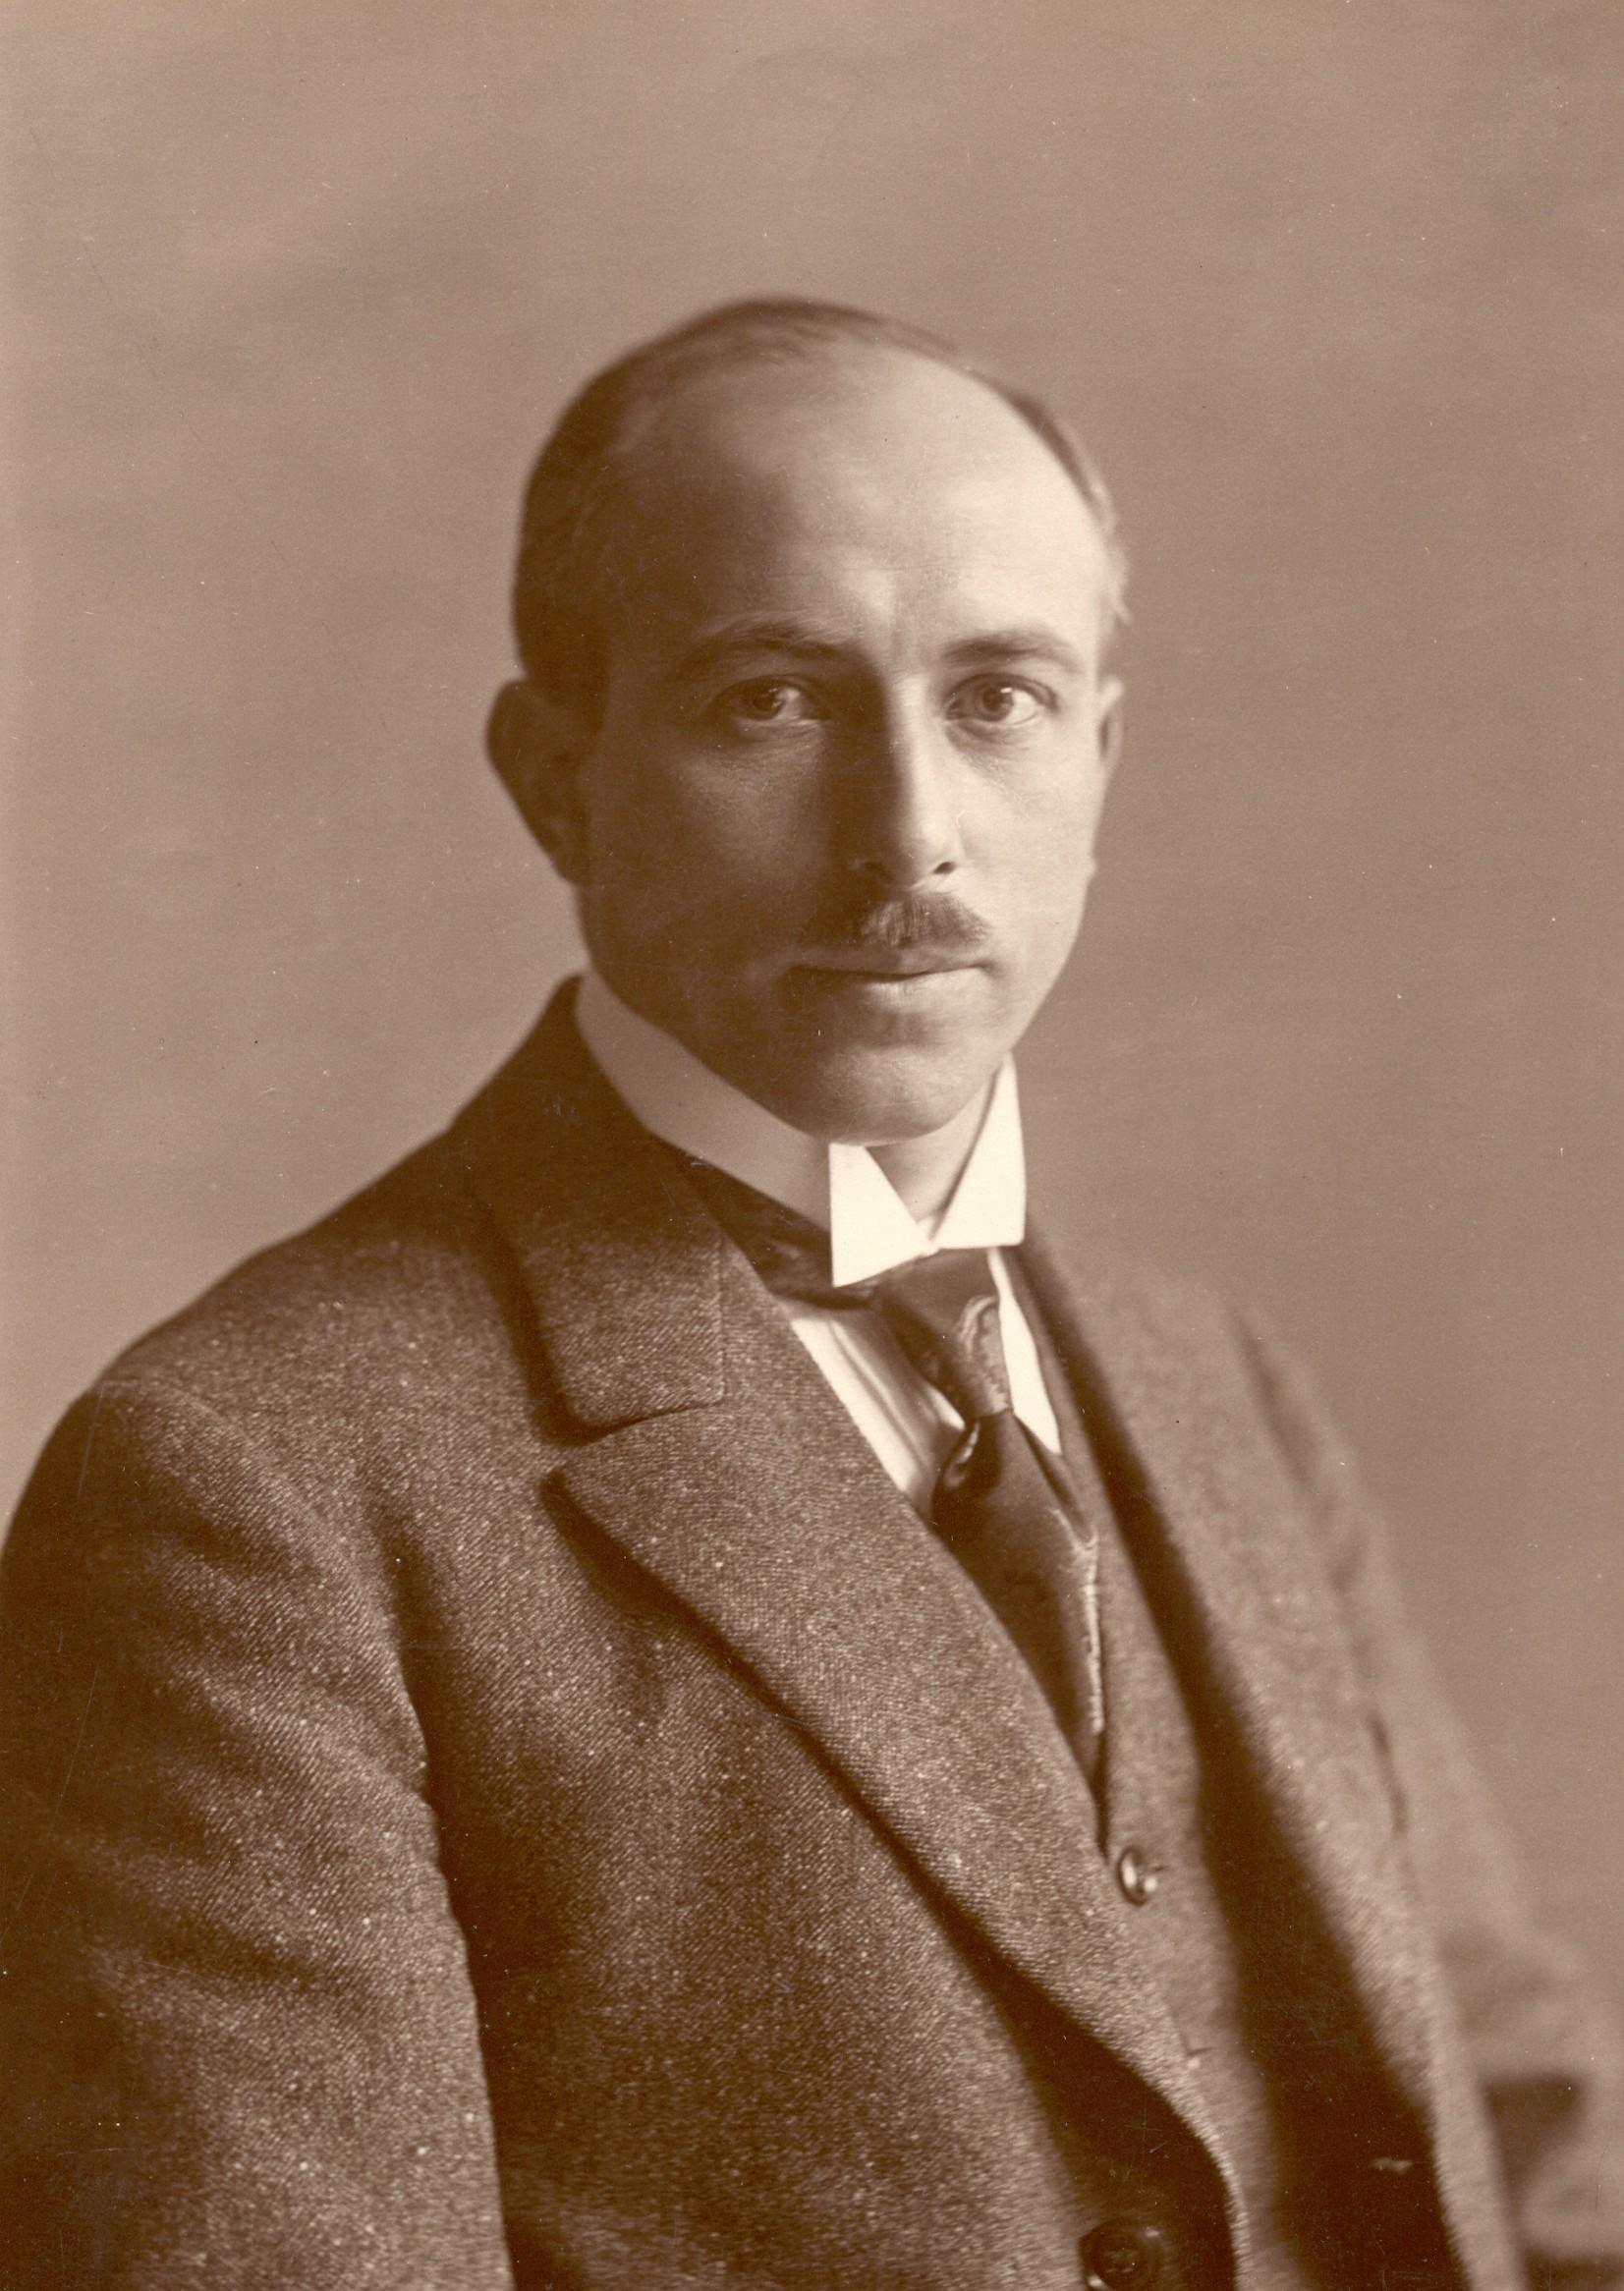 Portrait von Wilhelm Leuschner als jungem Mann mit Schnauzbart